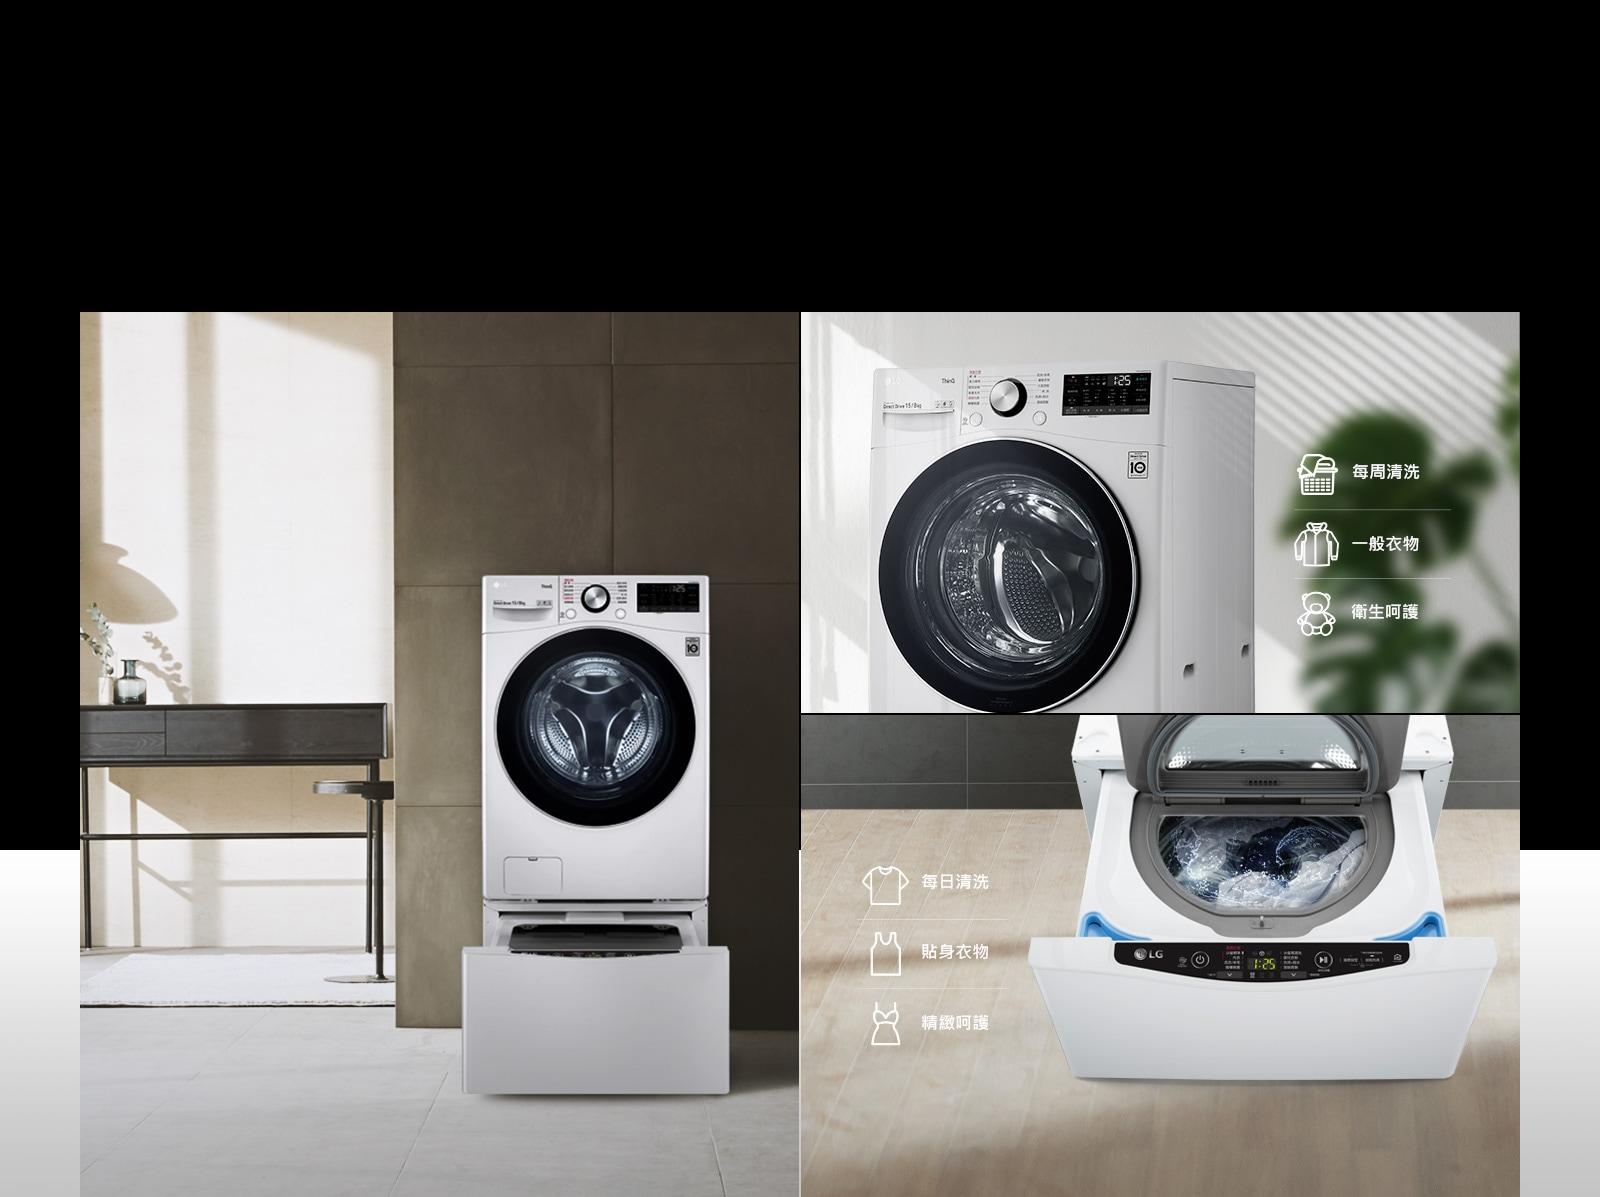 在現代風格家居展示 TWINWash™ 雙能洗。一張圖片顯示門關閉時的洗衣機前方,兩張圖片顯示底部抽屜開啟。